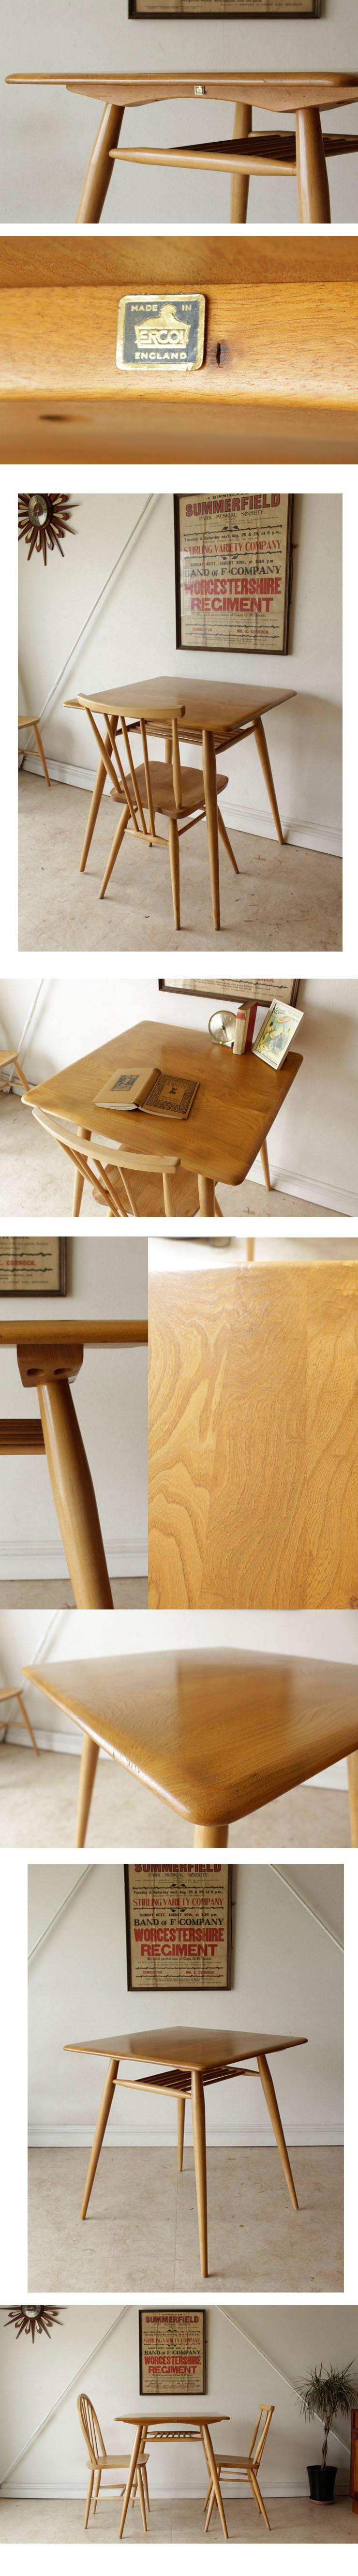 アーコール,ERCOL,テーブル,正方形,アンティーク,ビンテージ,イギリス,家具